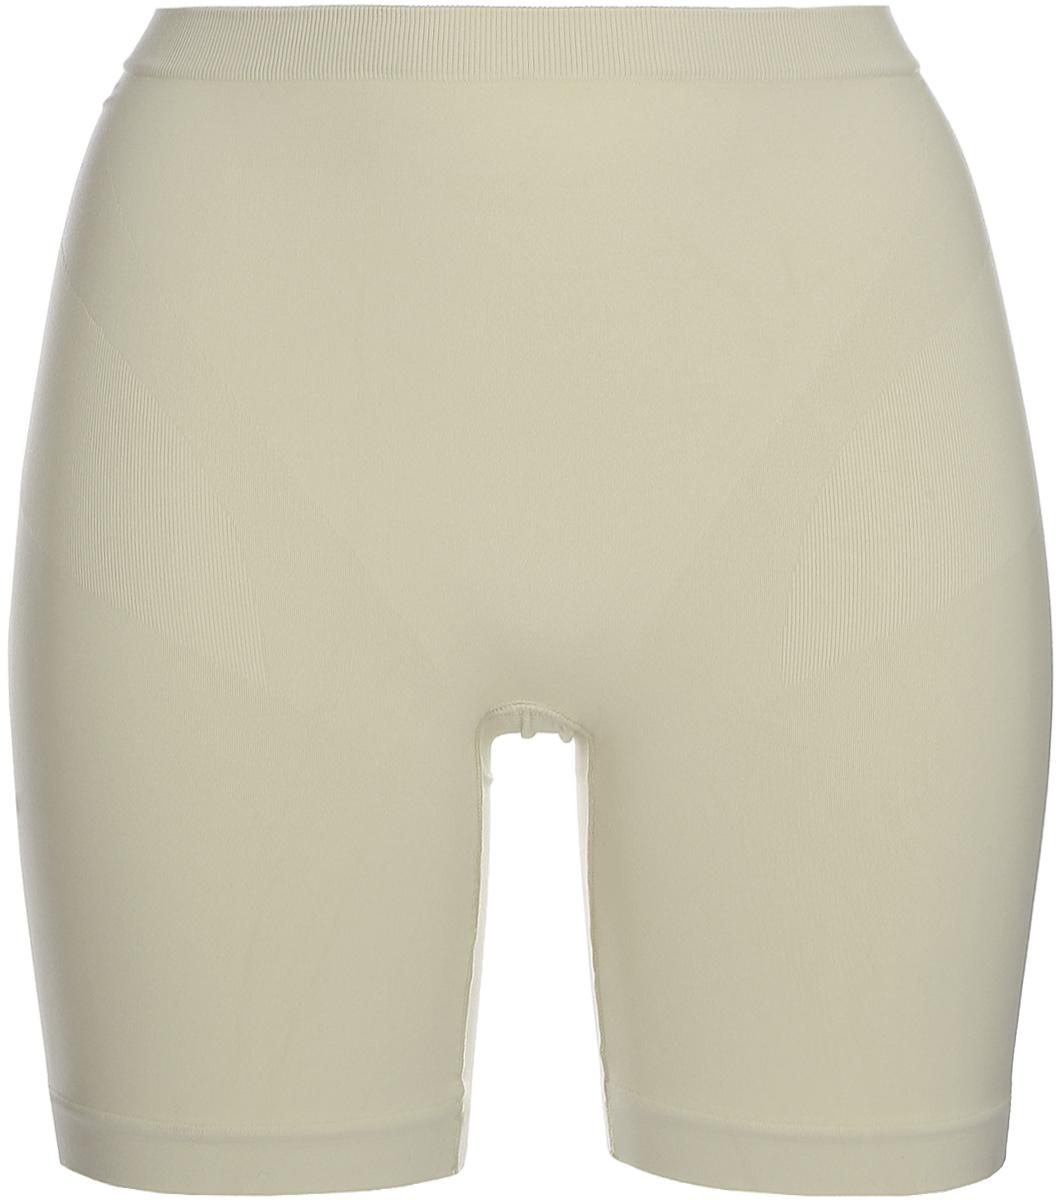 Трусы-шорты женские корректирующие Intimidea Silhouette, цвет: бежевый. 410135_Skin. Размер S/M (40/42)